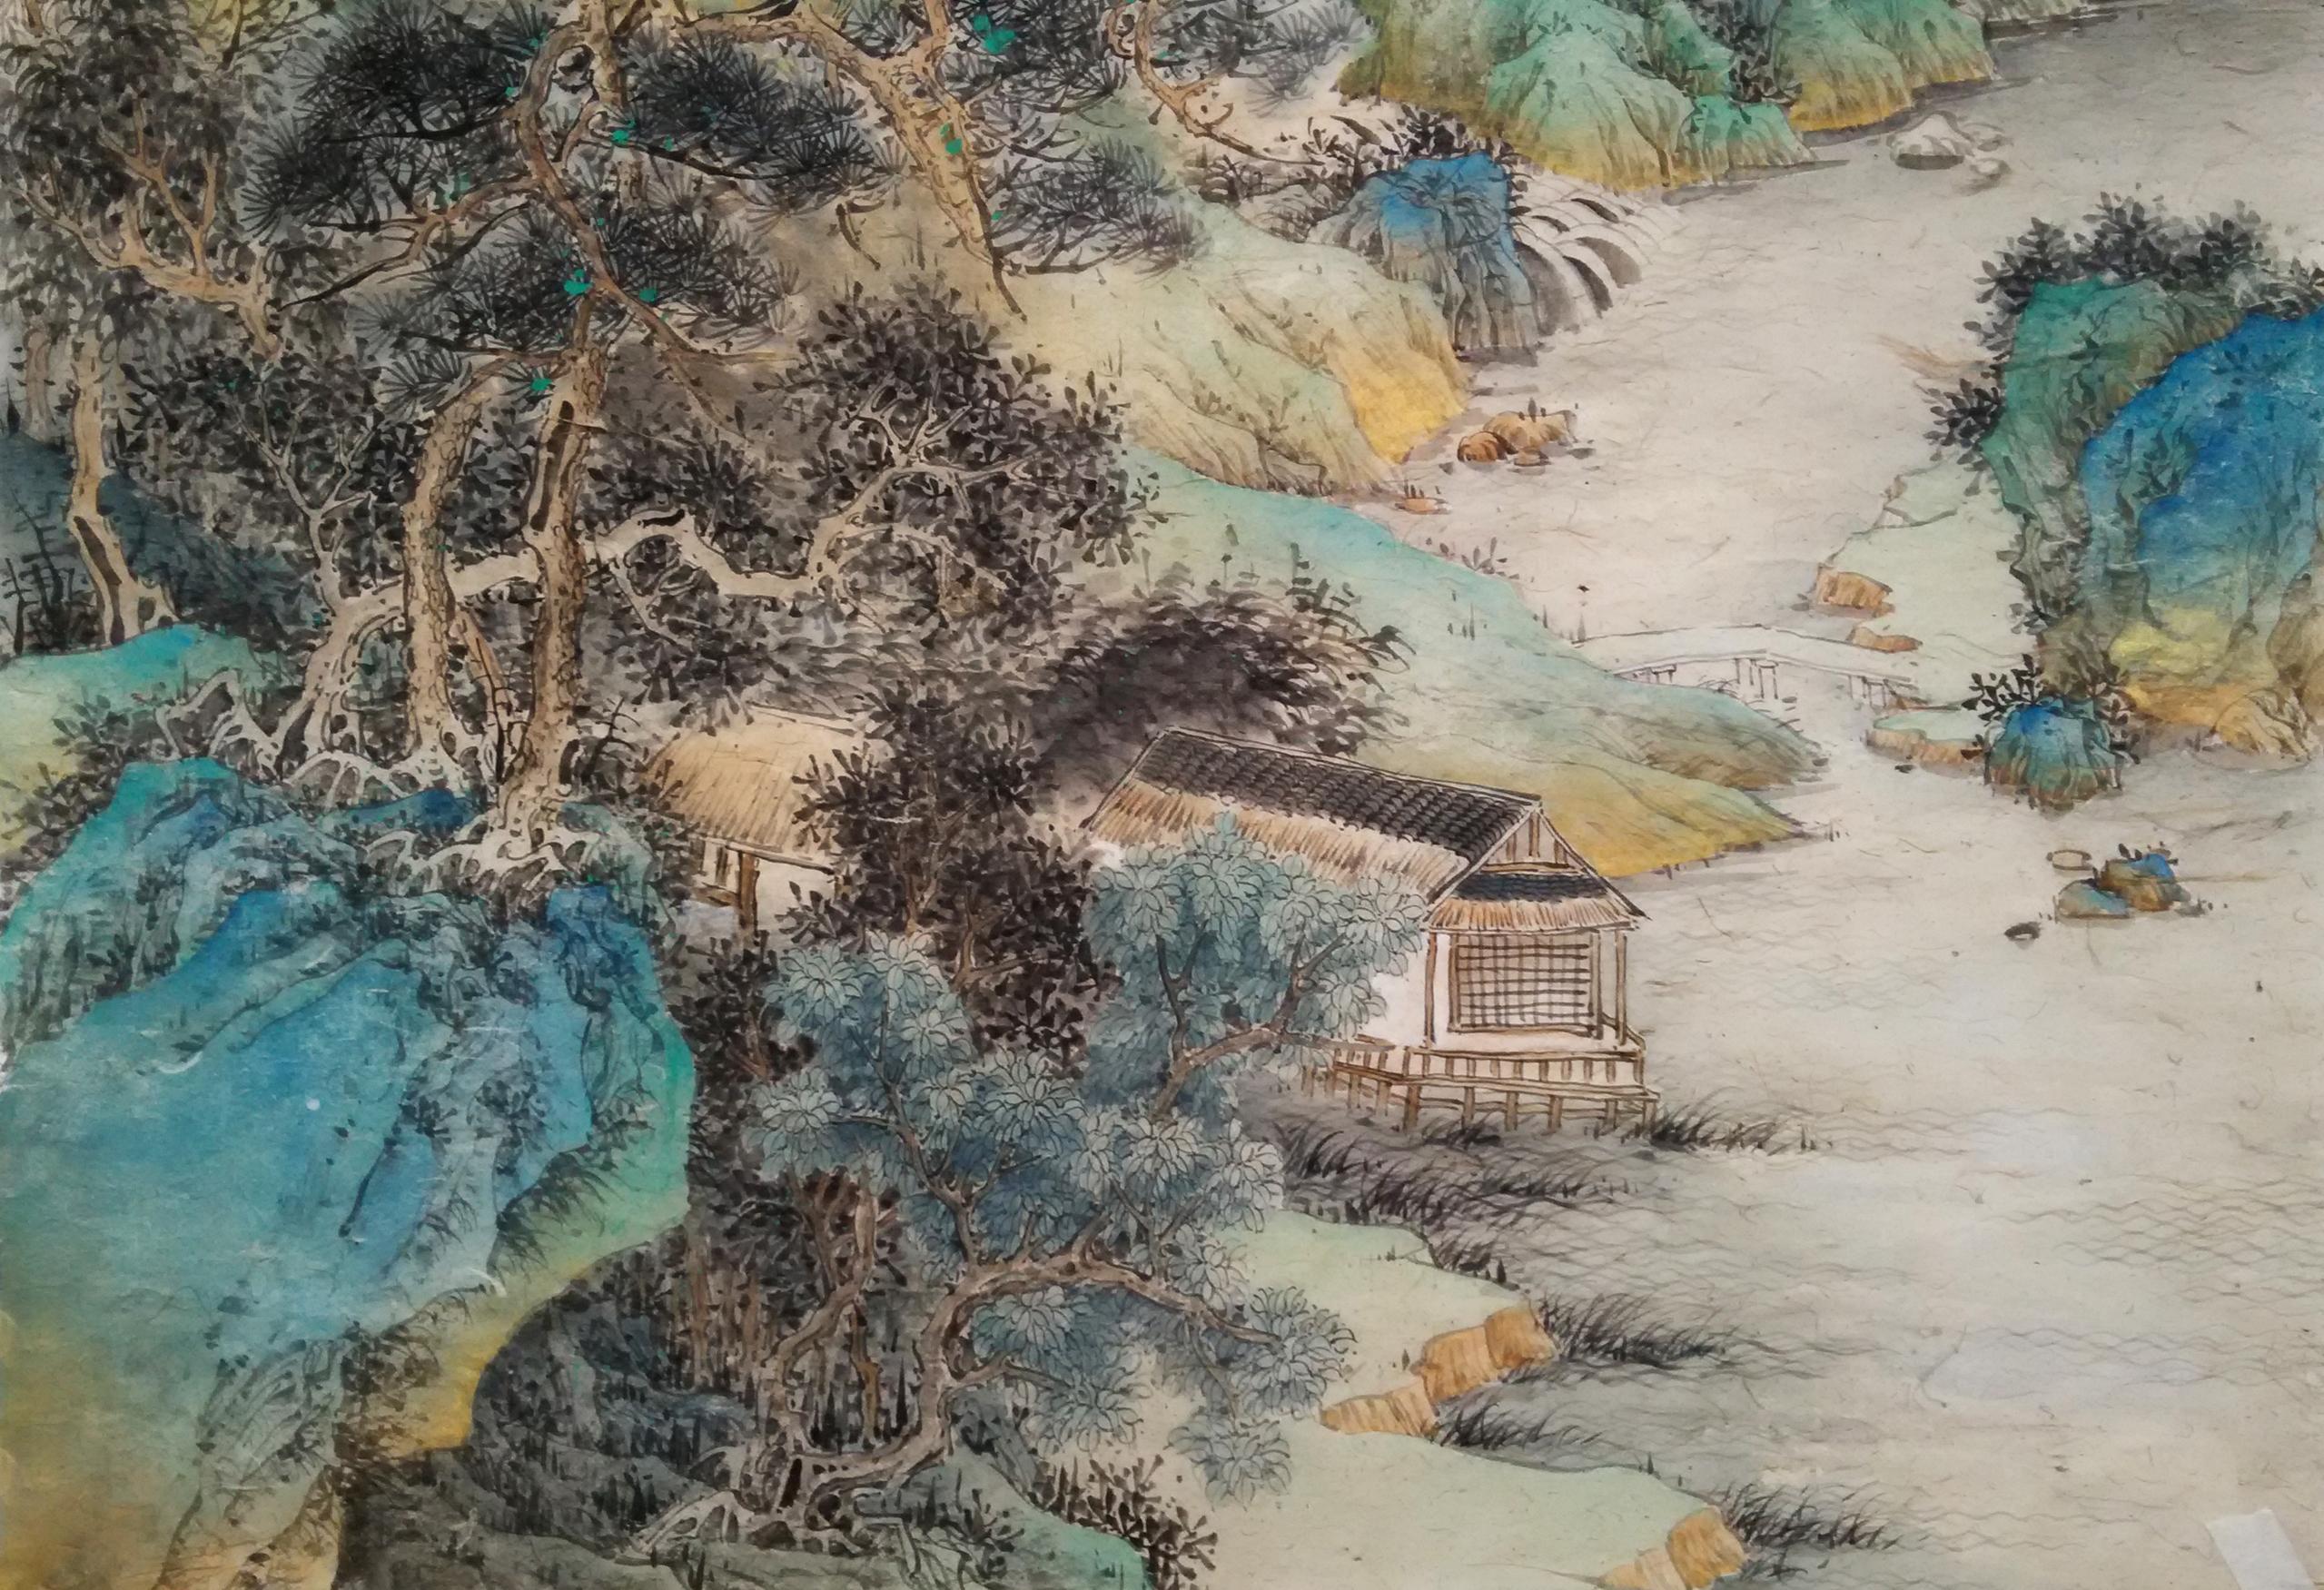 四尺金碧青绿山水 纯艺术 国画 孟振华 - 原创作品图片